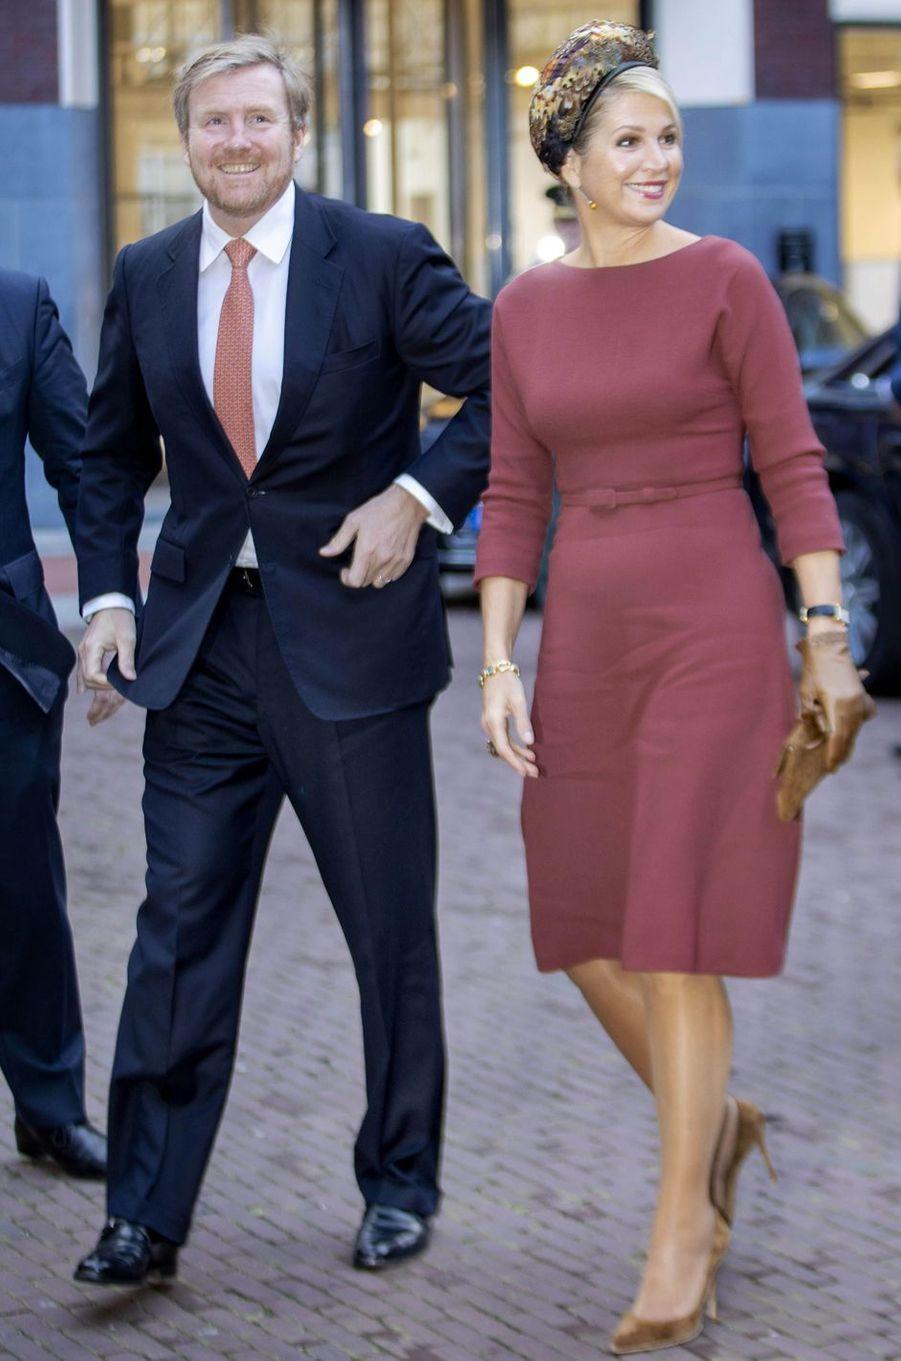 Le roi Willem-Alexander et la reine Maxima des Pays-Bas à Amsterdam, le 18 février 2020